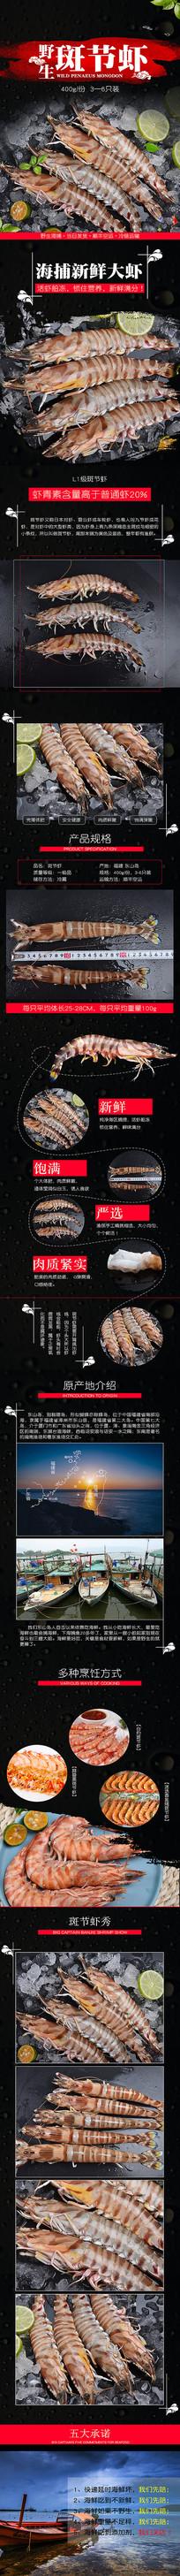 斑节虾详情 PSD